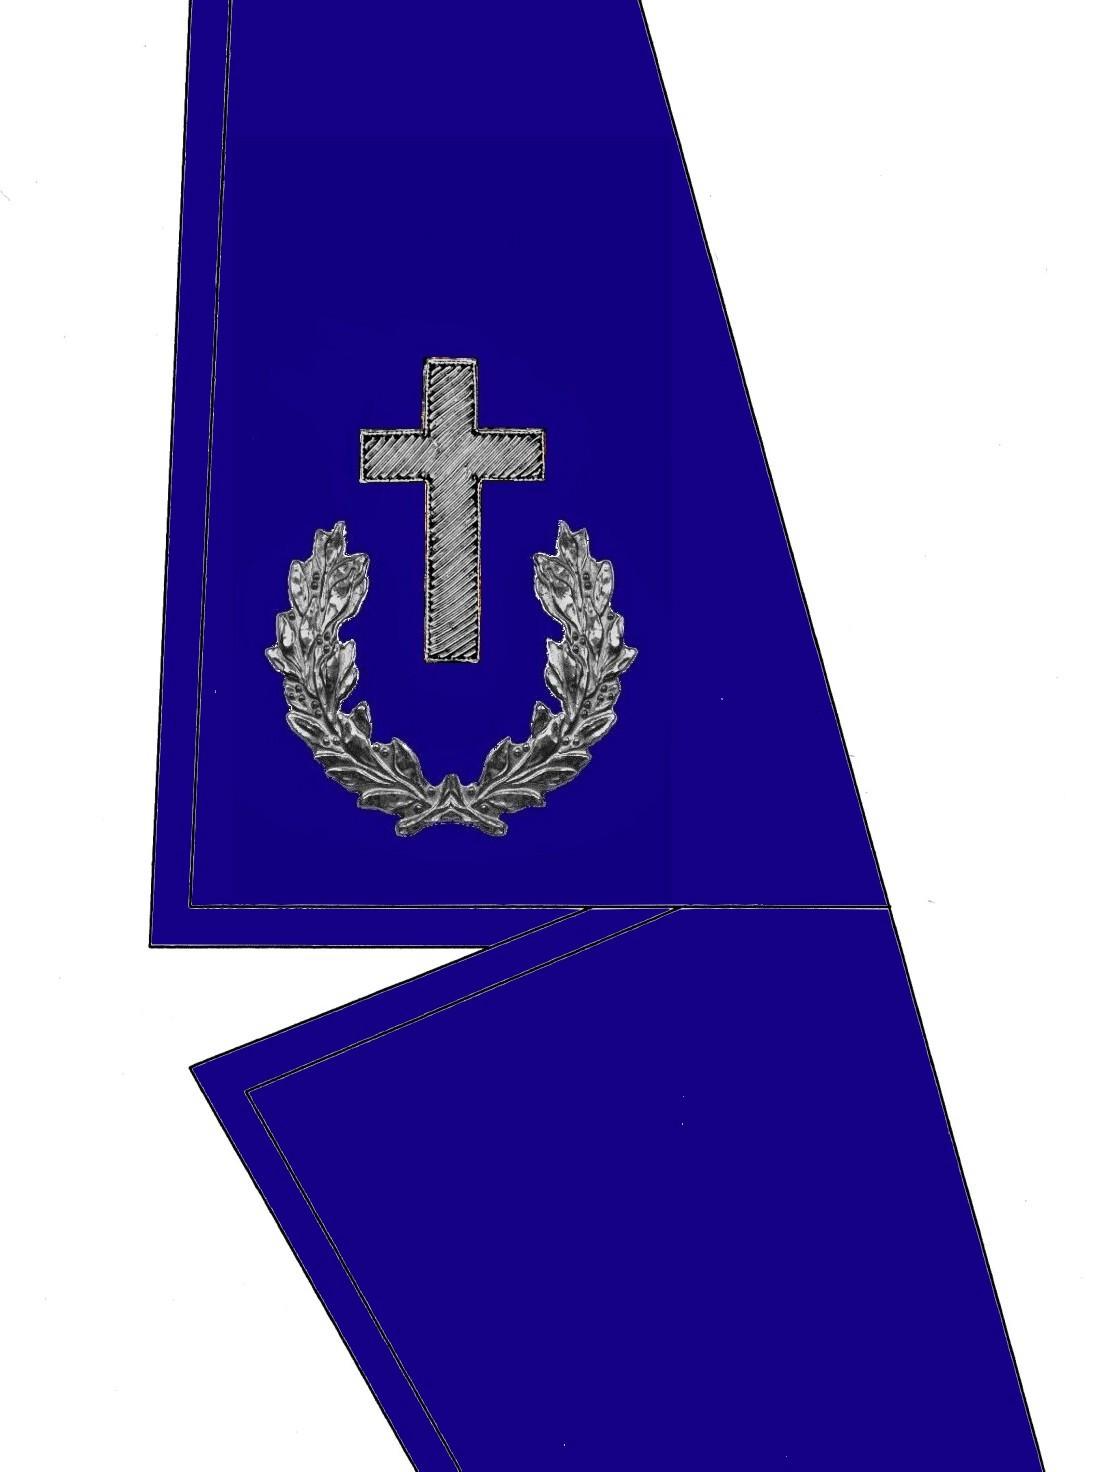 0303-kragen-rangabzeichen-landes-kurat-hg-blau